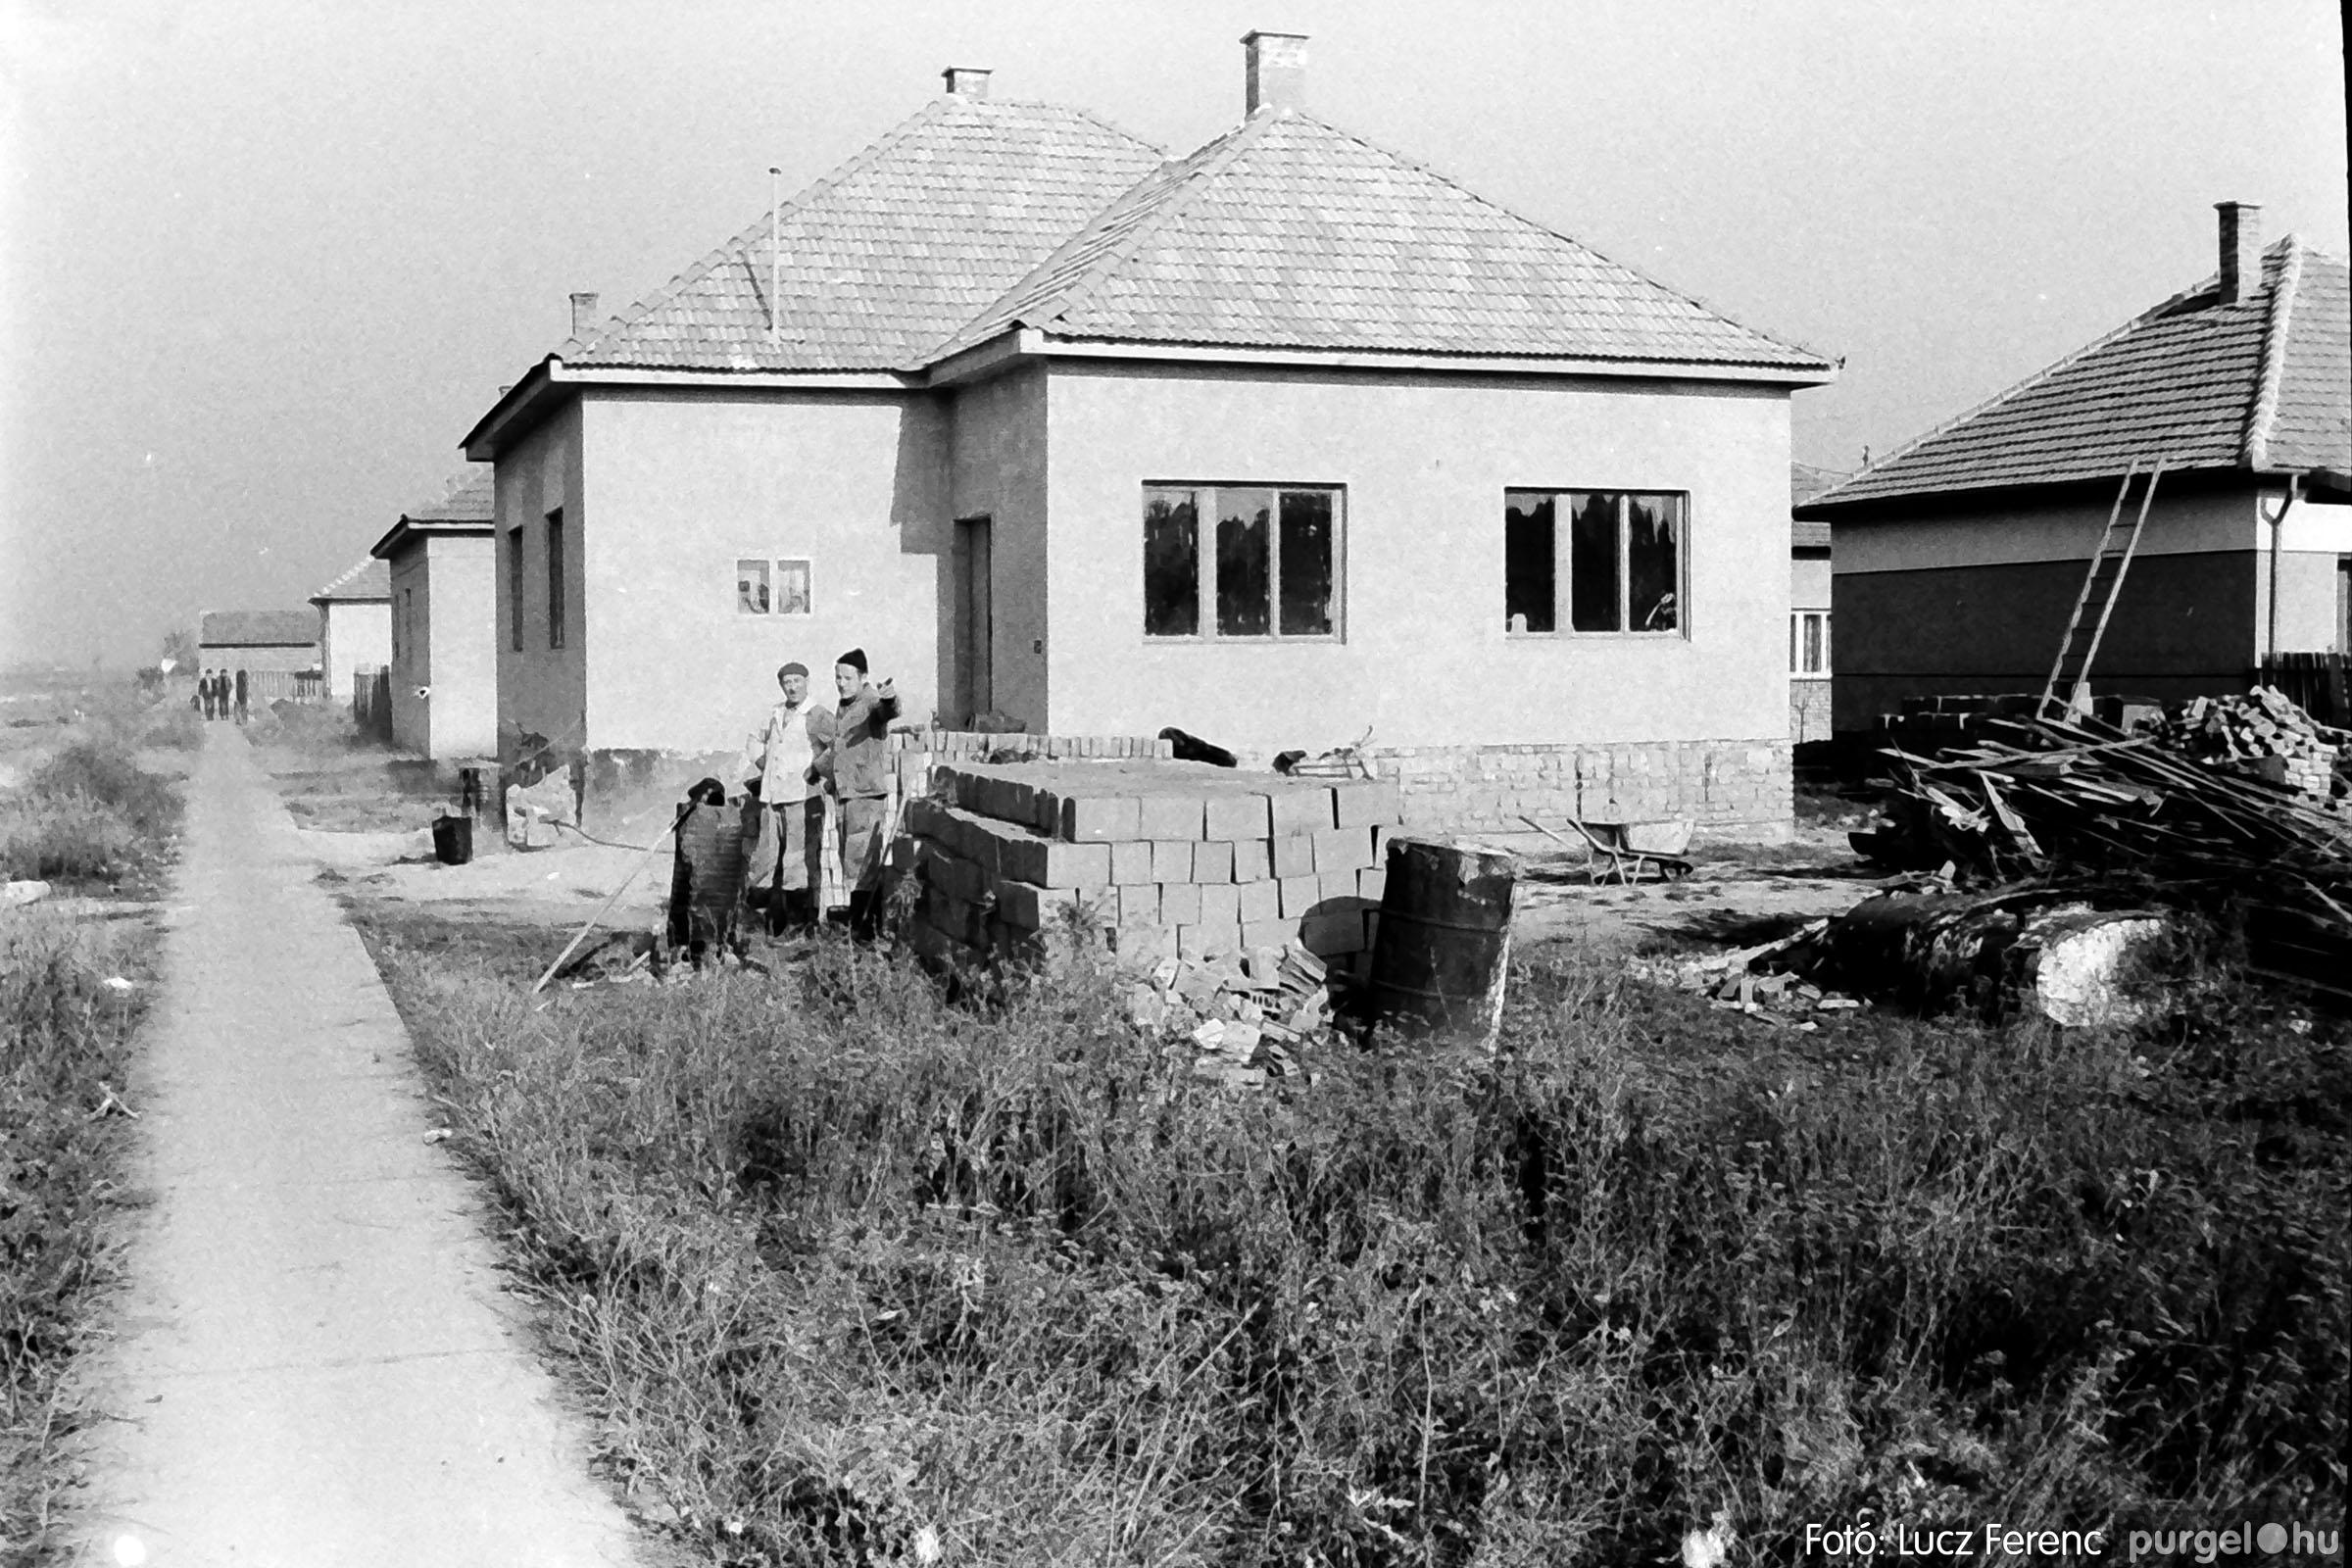 007 1975. Vegyes képek 024 - Fotó: Lucz Ferenc IMG00092.JPG